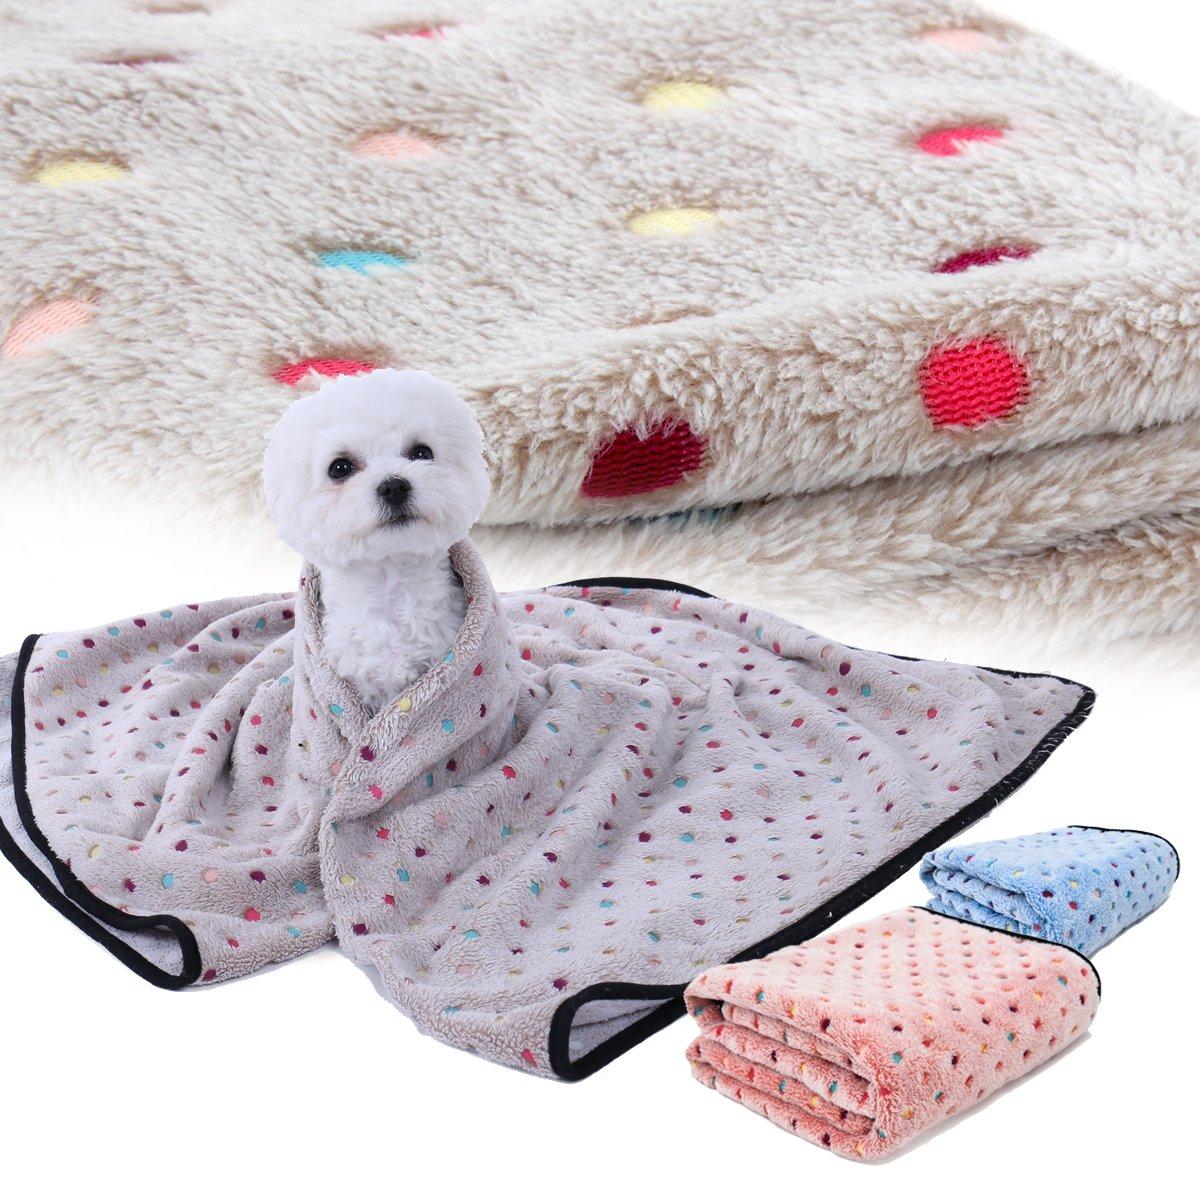 Amazon.com: Manta para perro, tela de forro polar, suave y ...